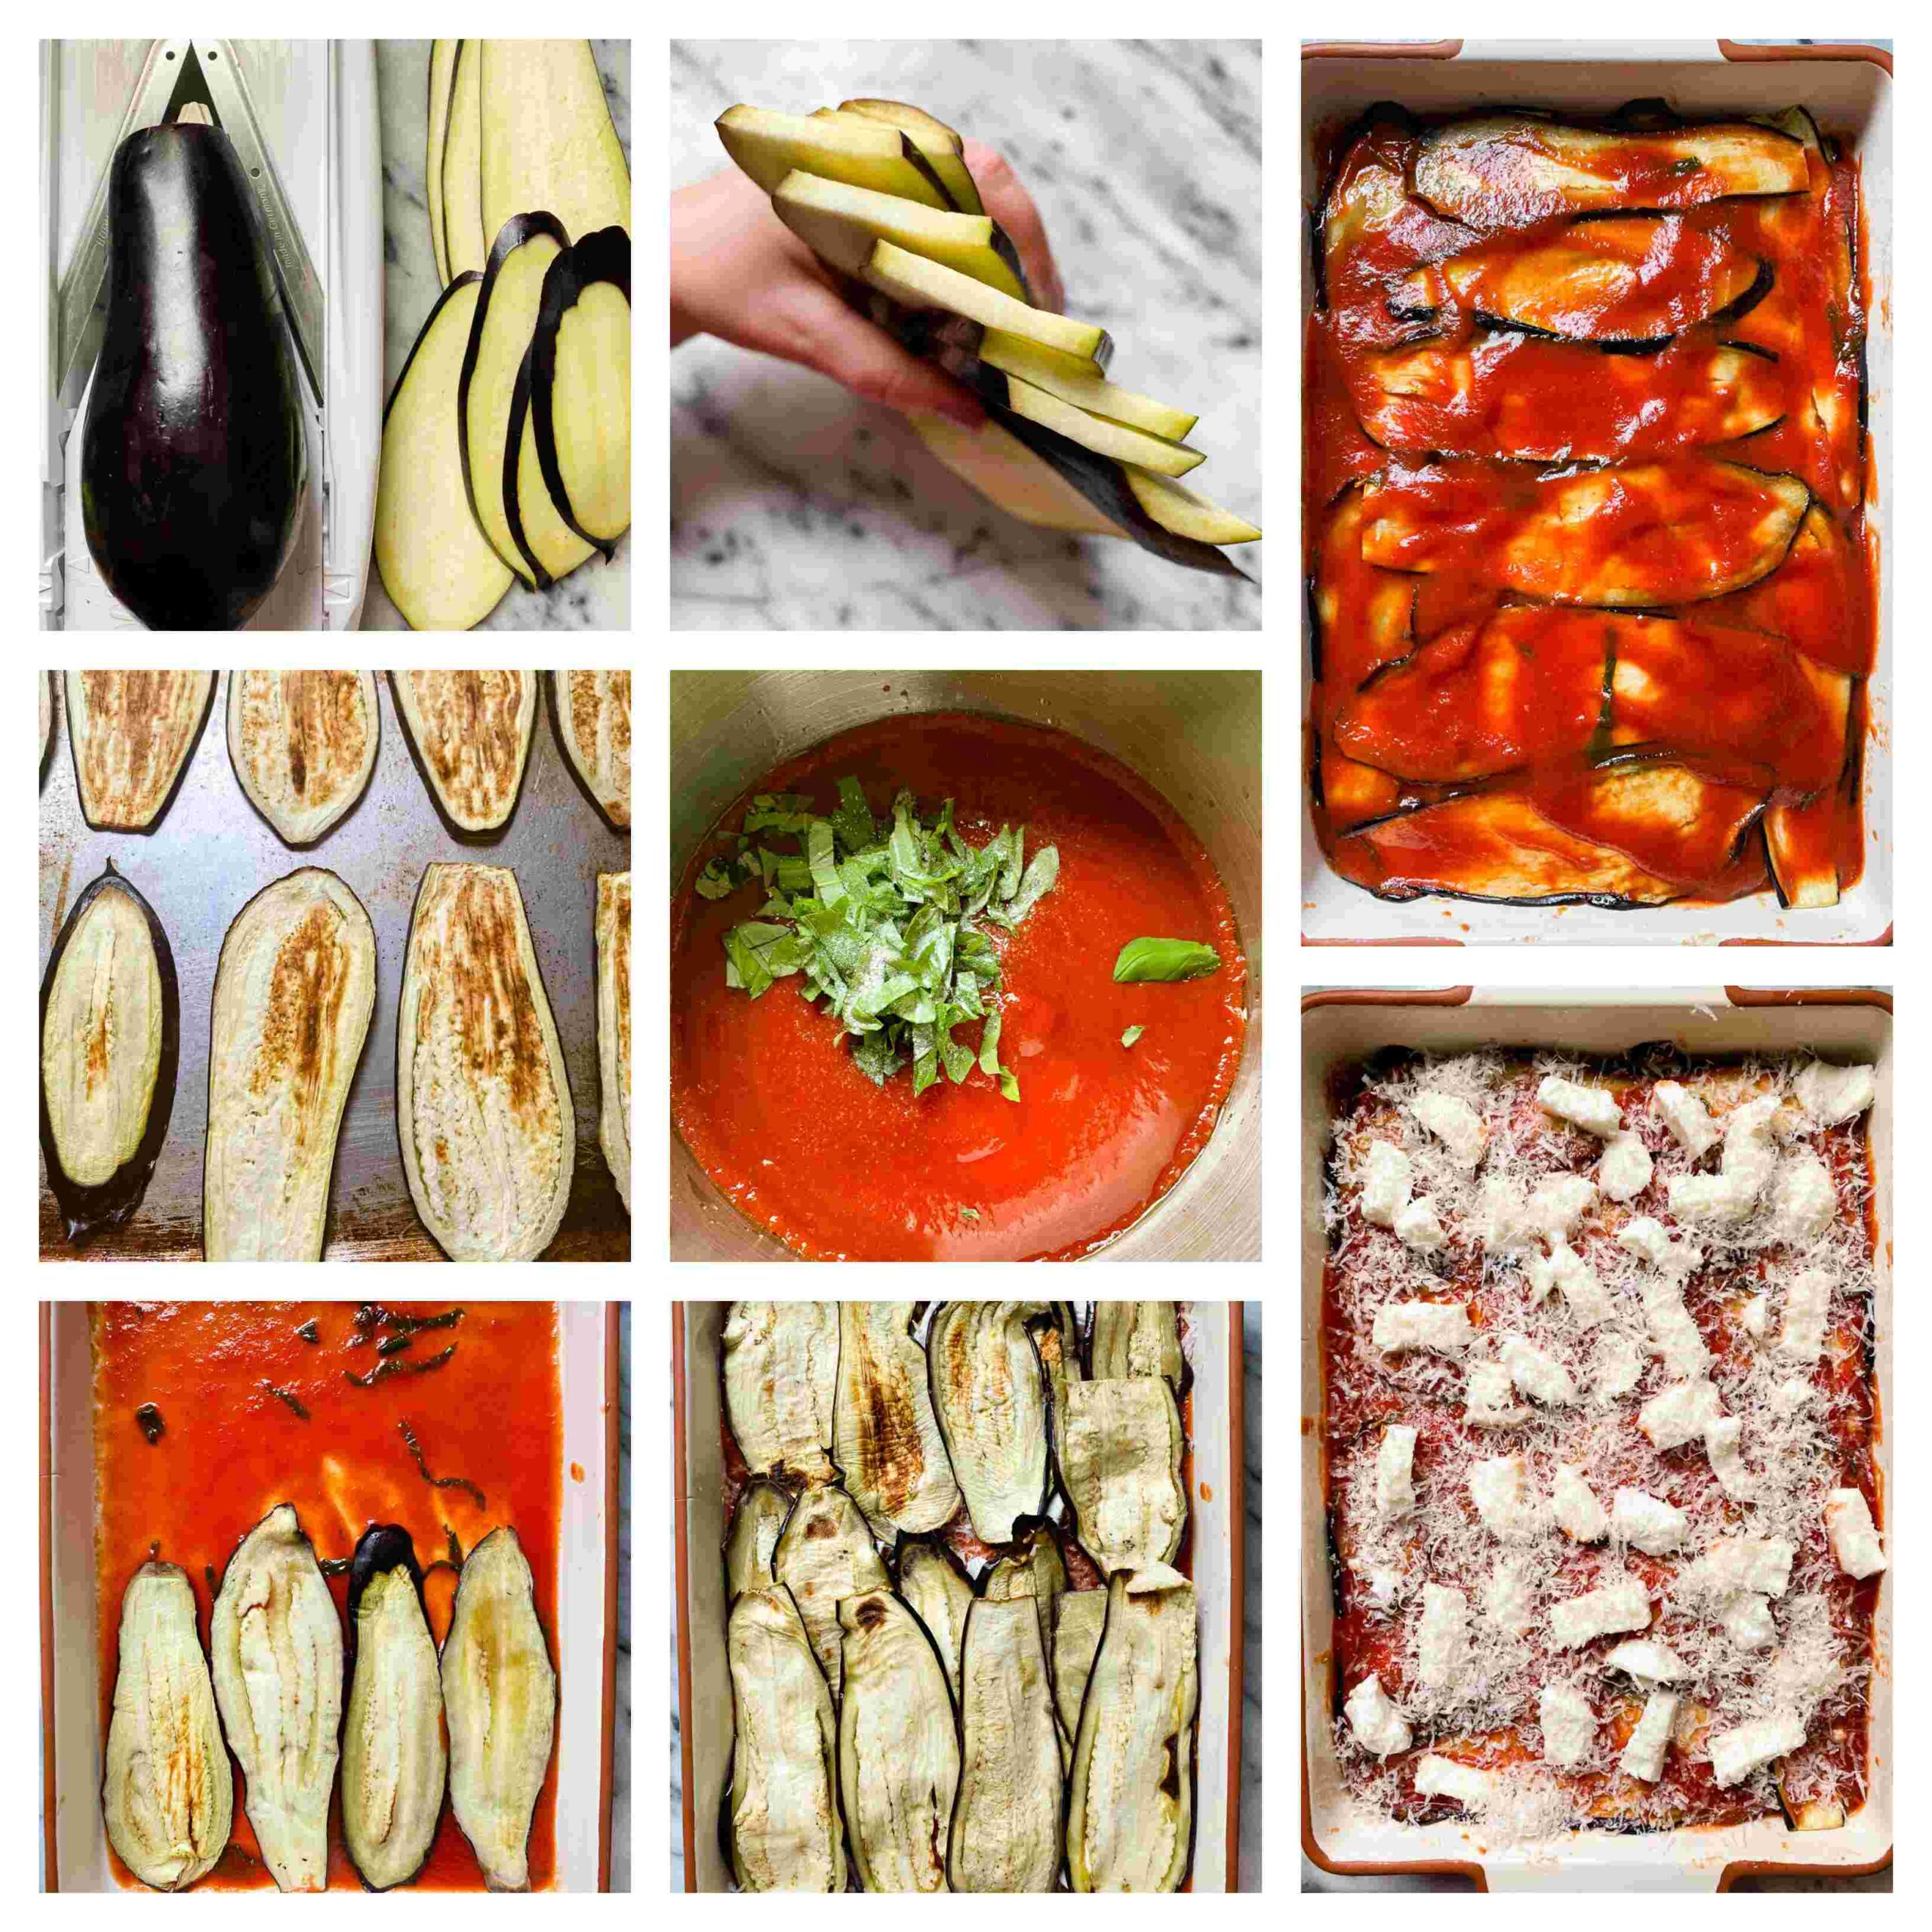 eggplant parmesan process images